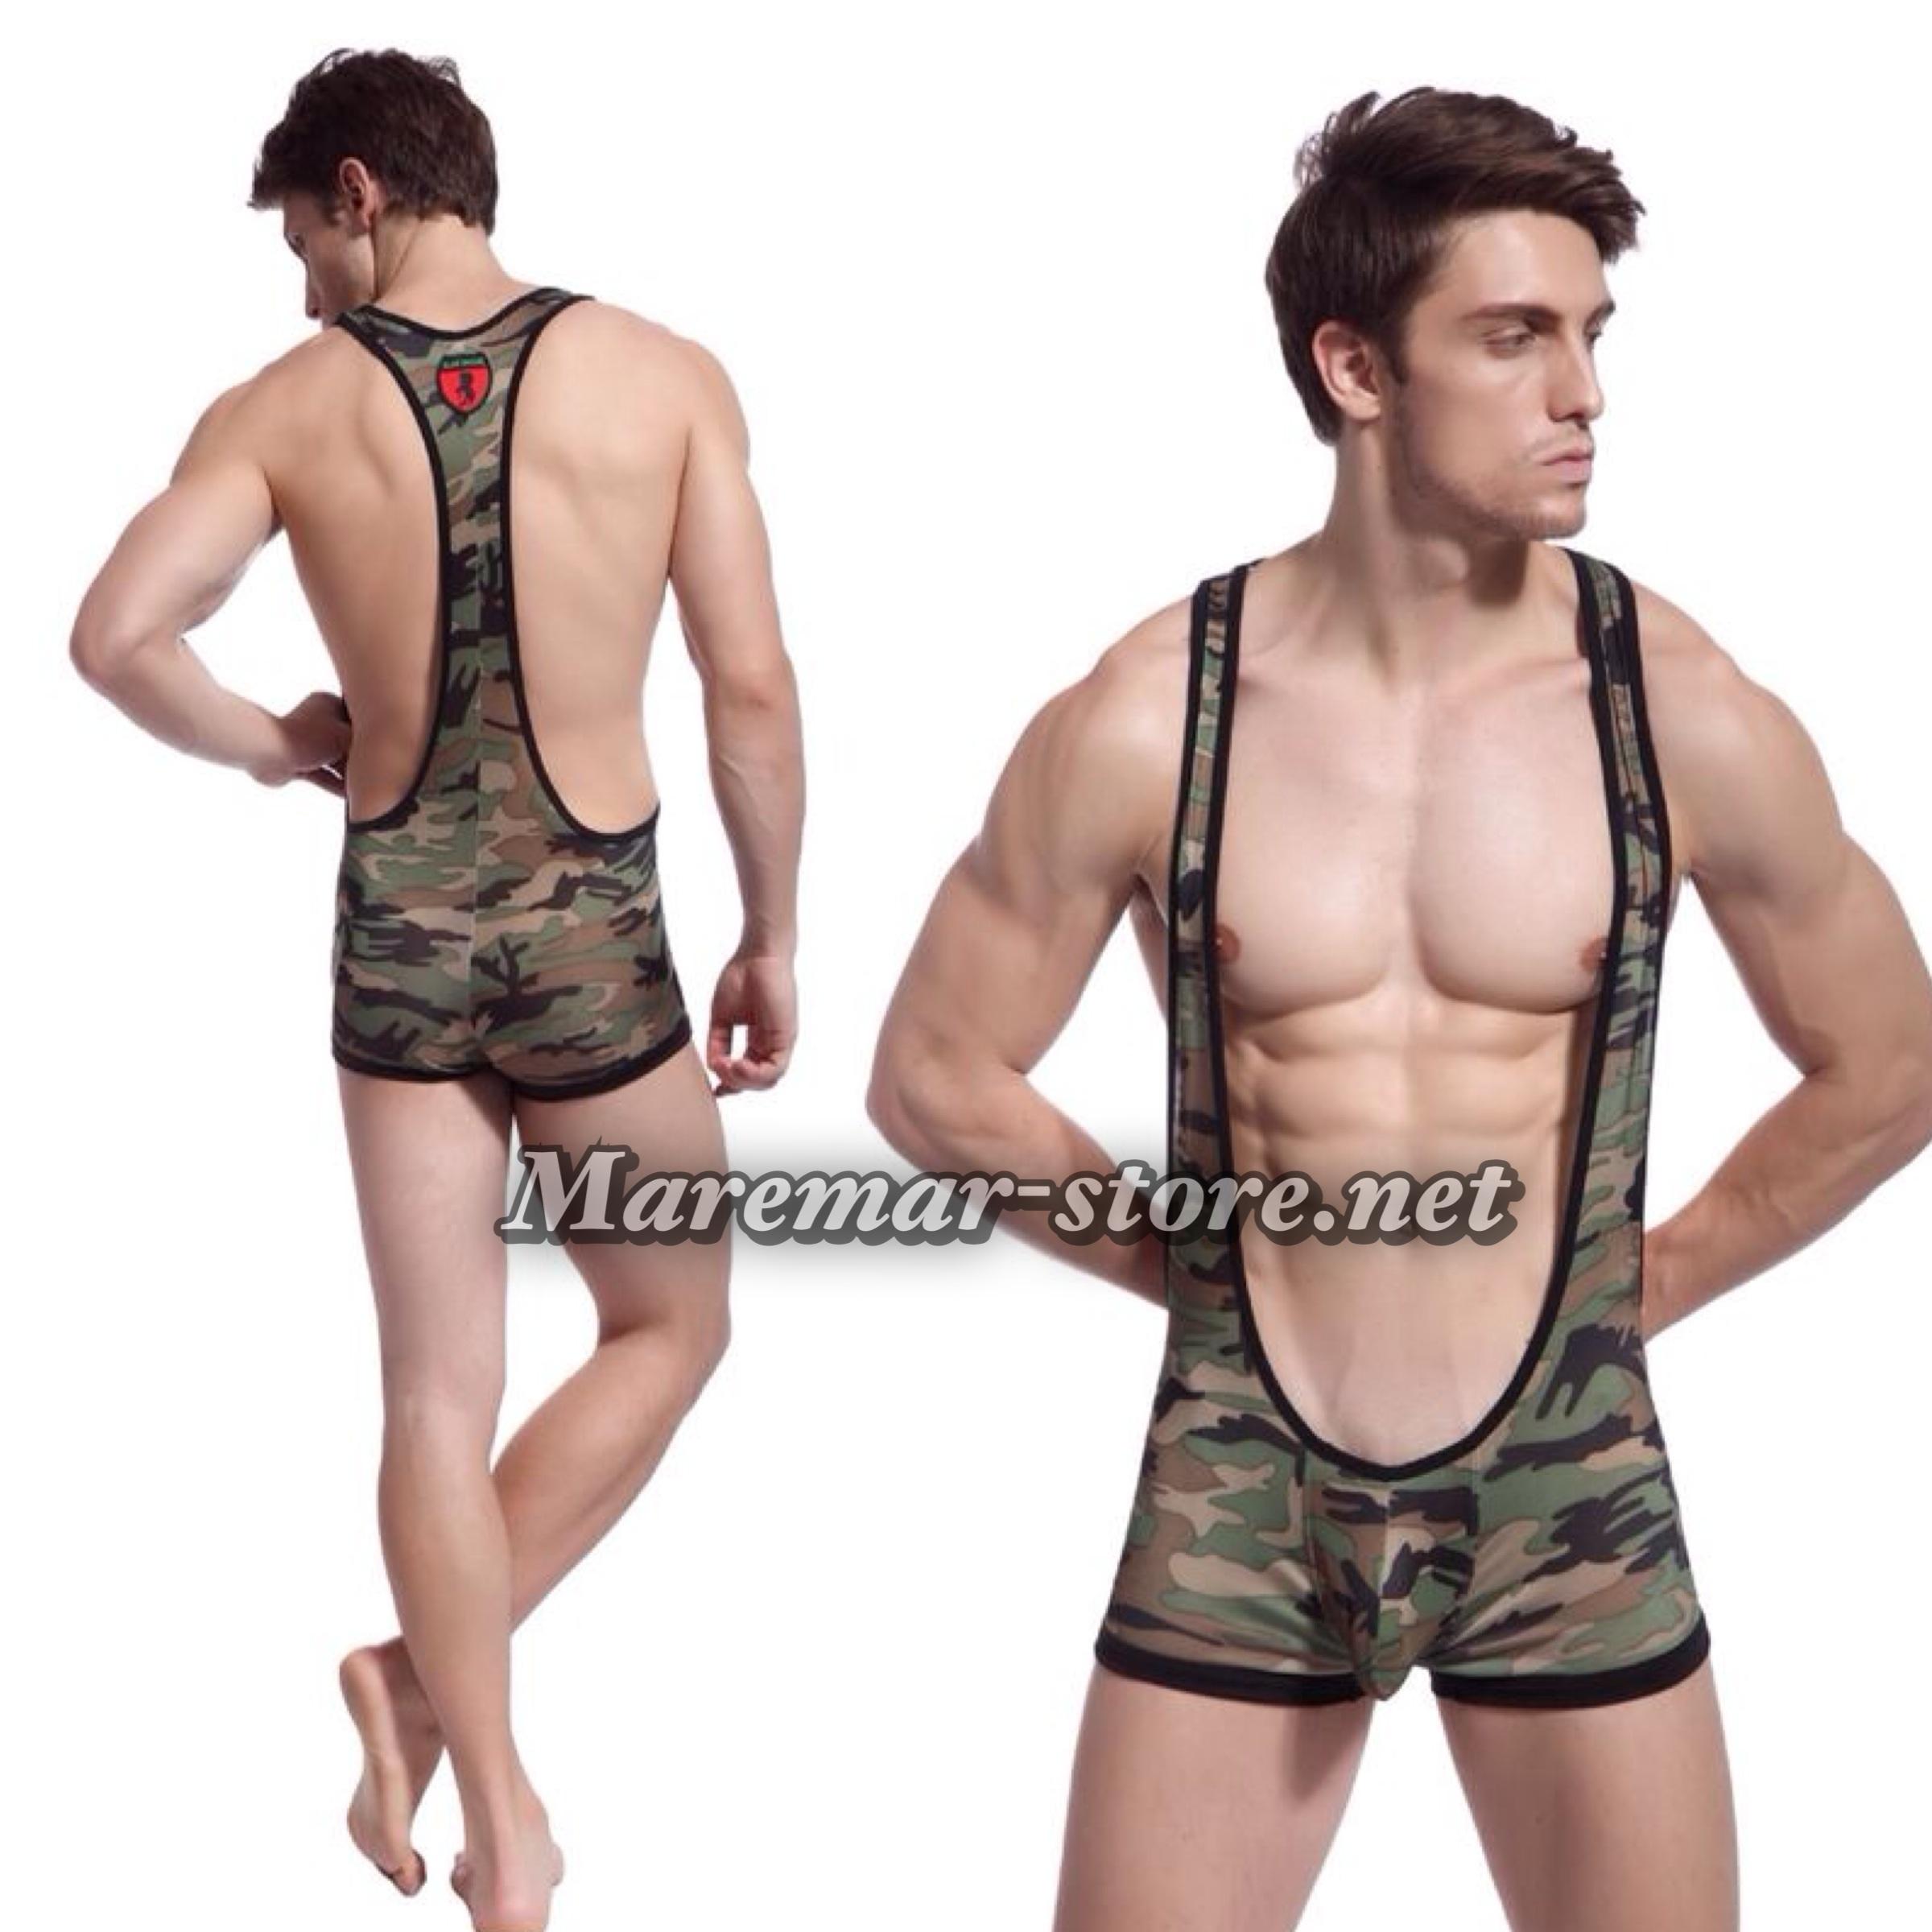 صور لانجري رجالي , اشيك ملابس داخلية للشباب والرجال